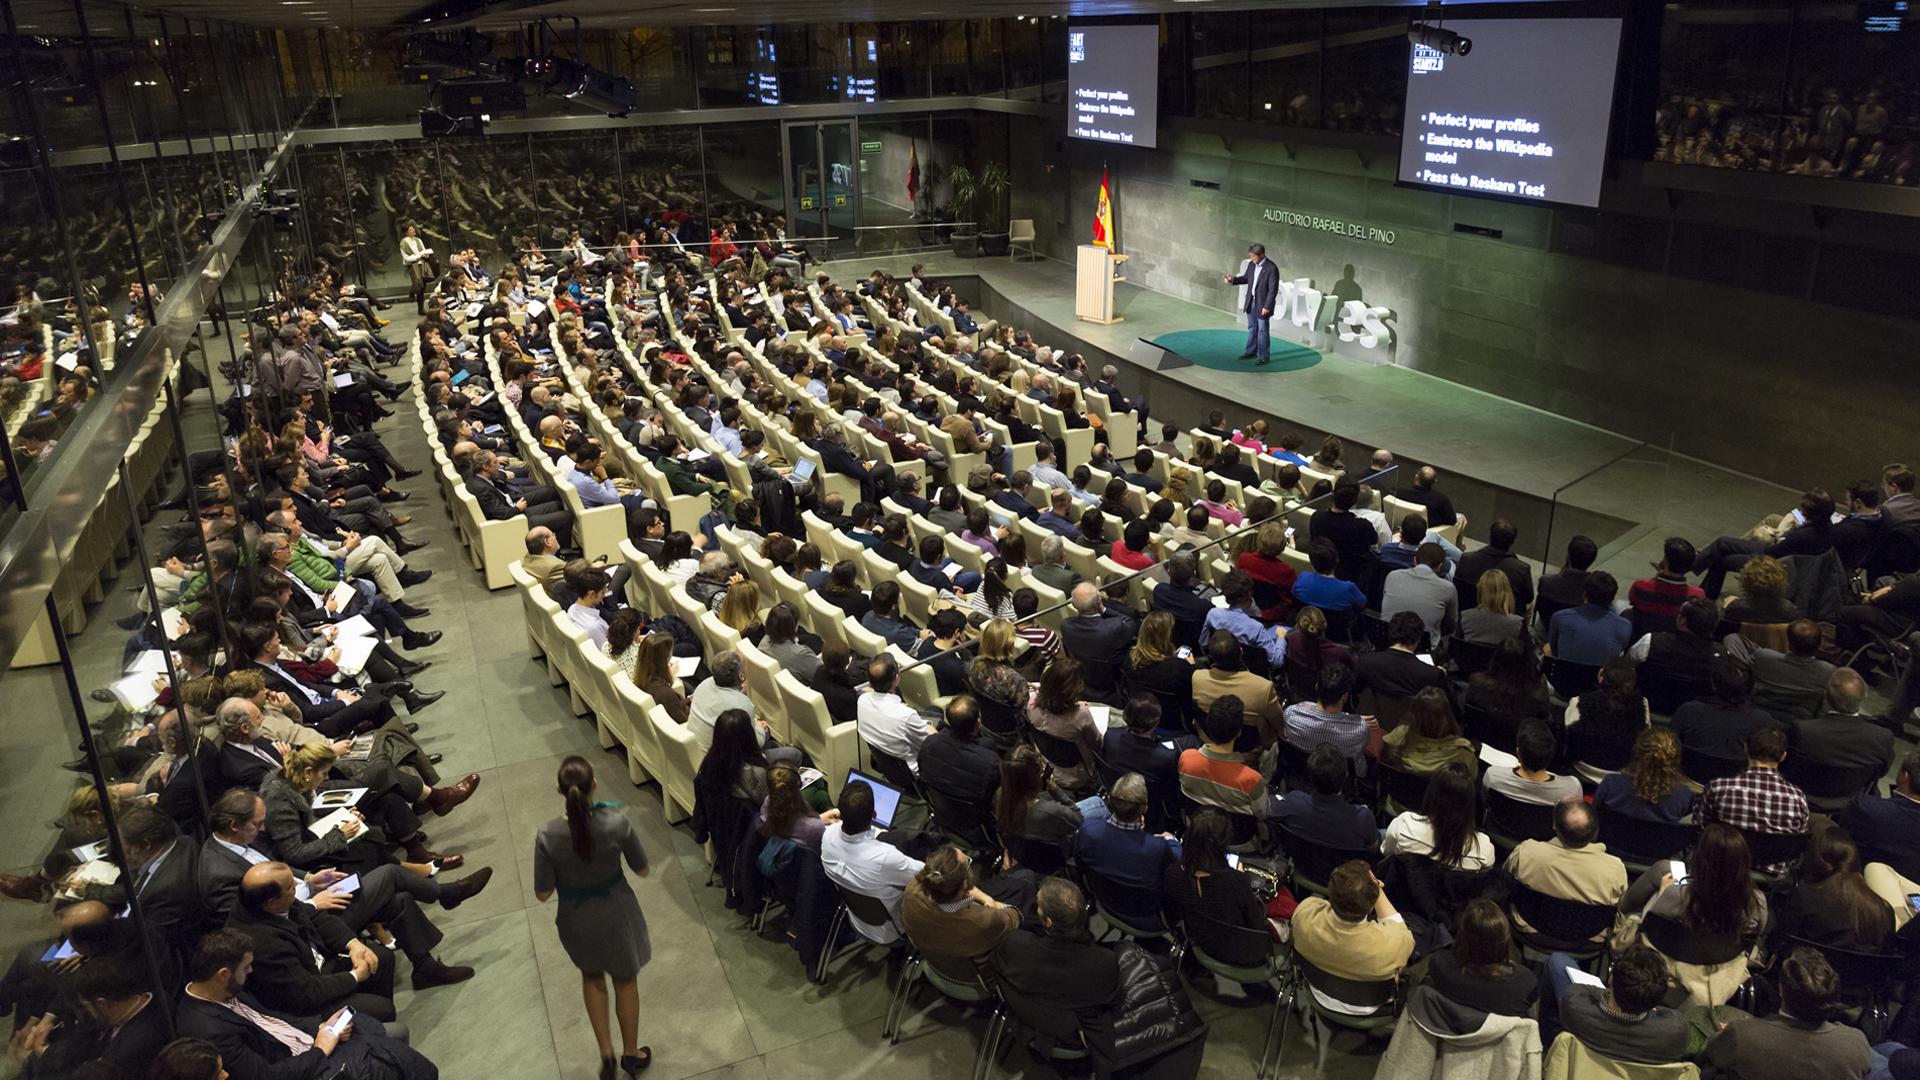 """La Fundación Rafael del Pino organiza la conferencia magistral """"El arte de los negocios en un mundo 2.0"""" que pronunciará el profesor Guy Kawasaki. En Madrid, el 1 de febrero de 2016. DS"""